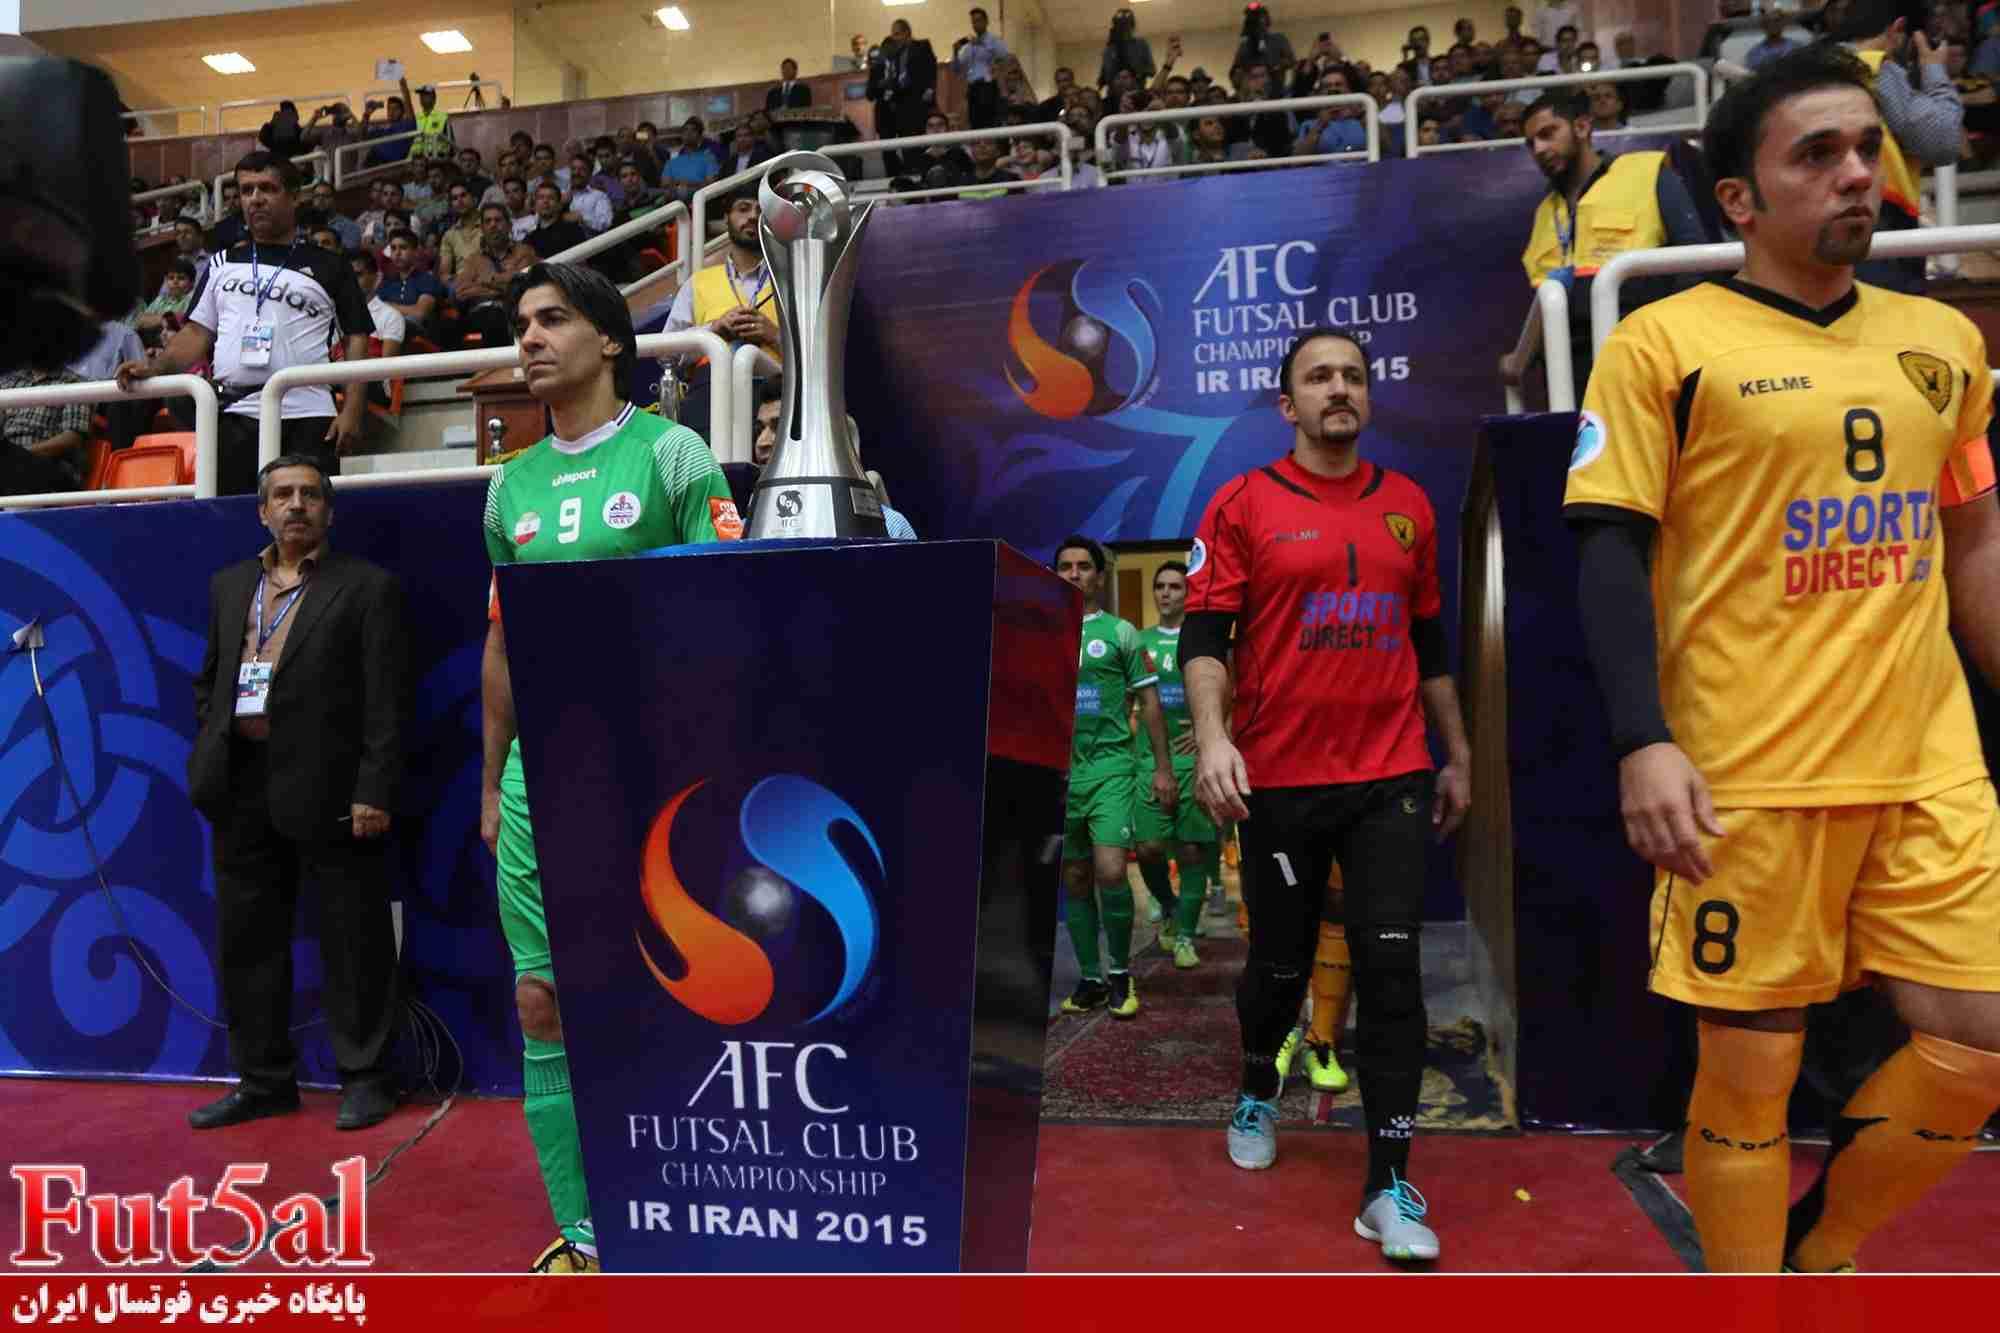 گزارش تصویری اختصاصی/بازی تیم های تاسیسات دریایی تهران با القادسیه کویت در فینال آسیا